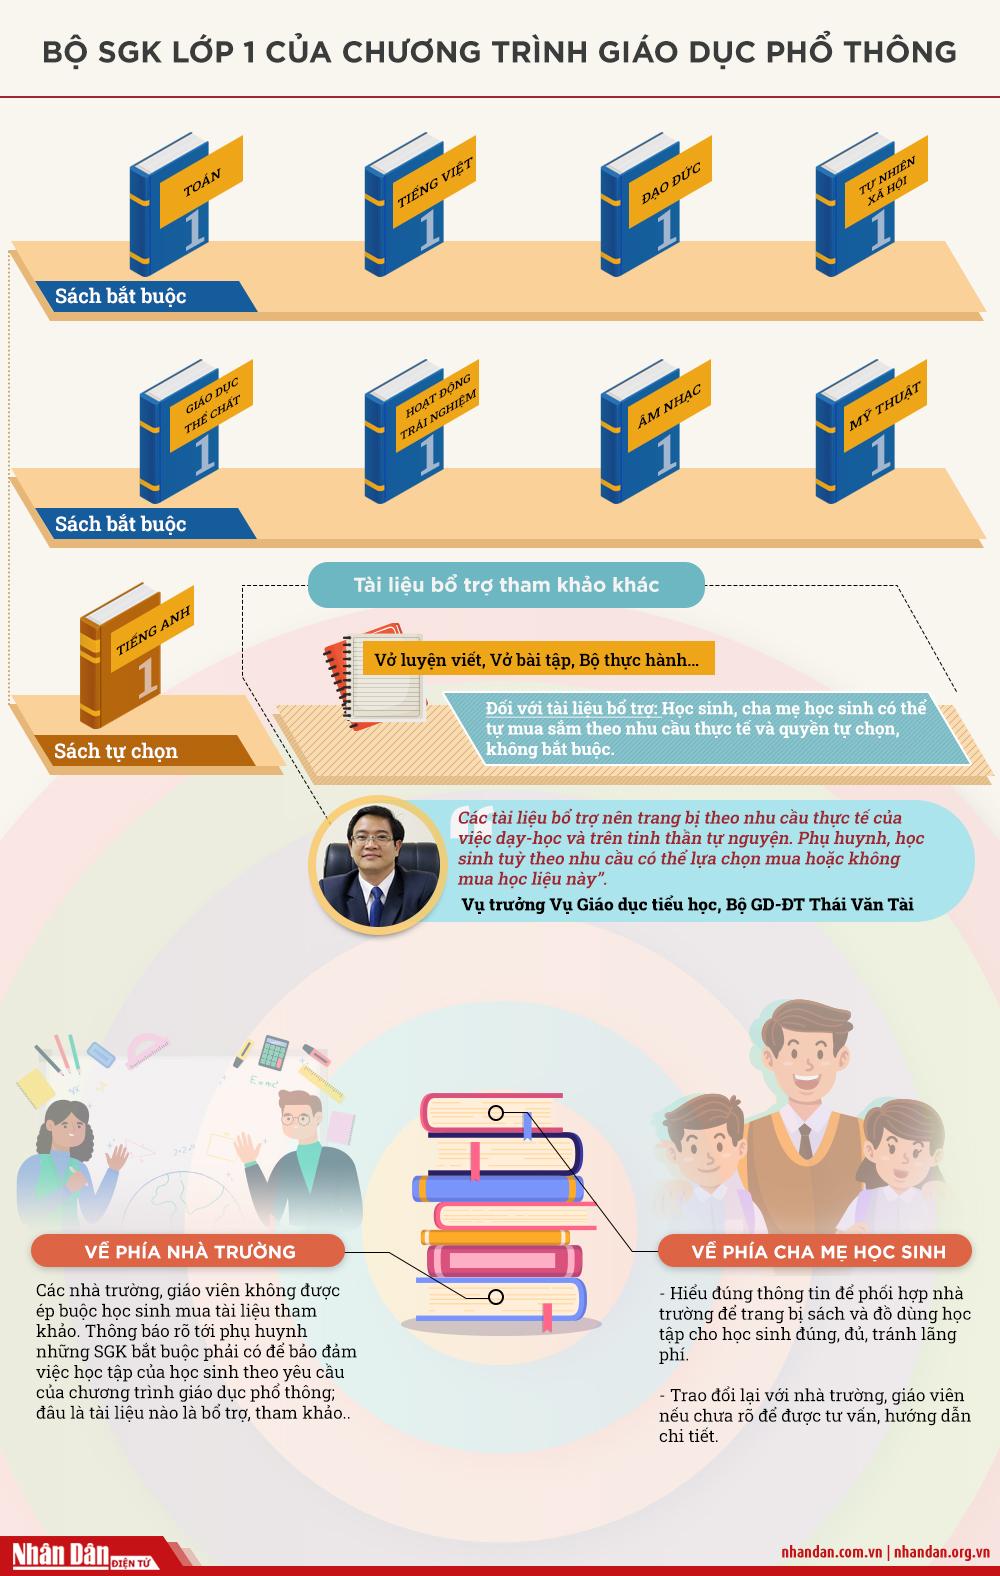 [Infographic] Sách giáo khoa lớp 1 mới gồm những cuốn nào? -0